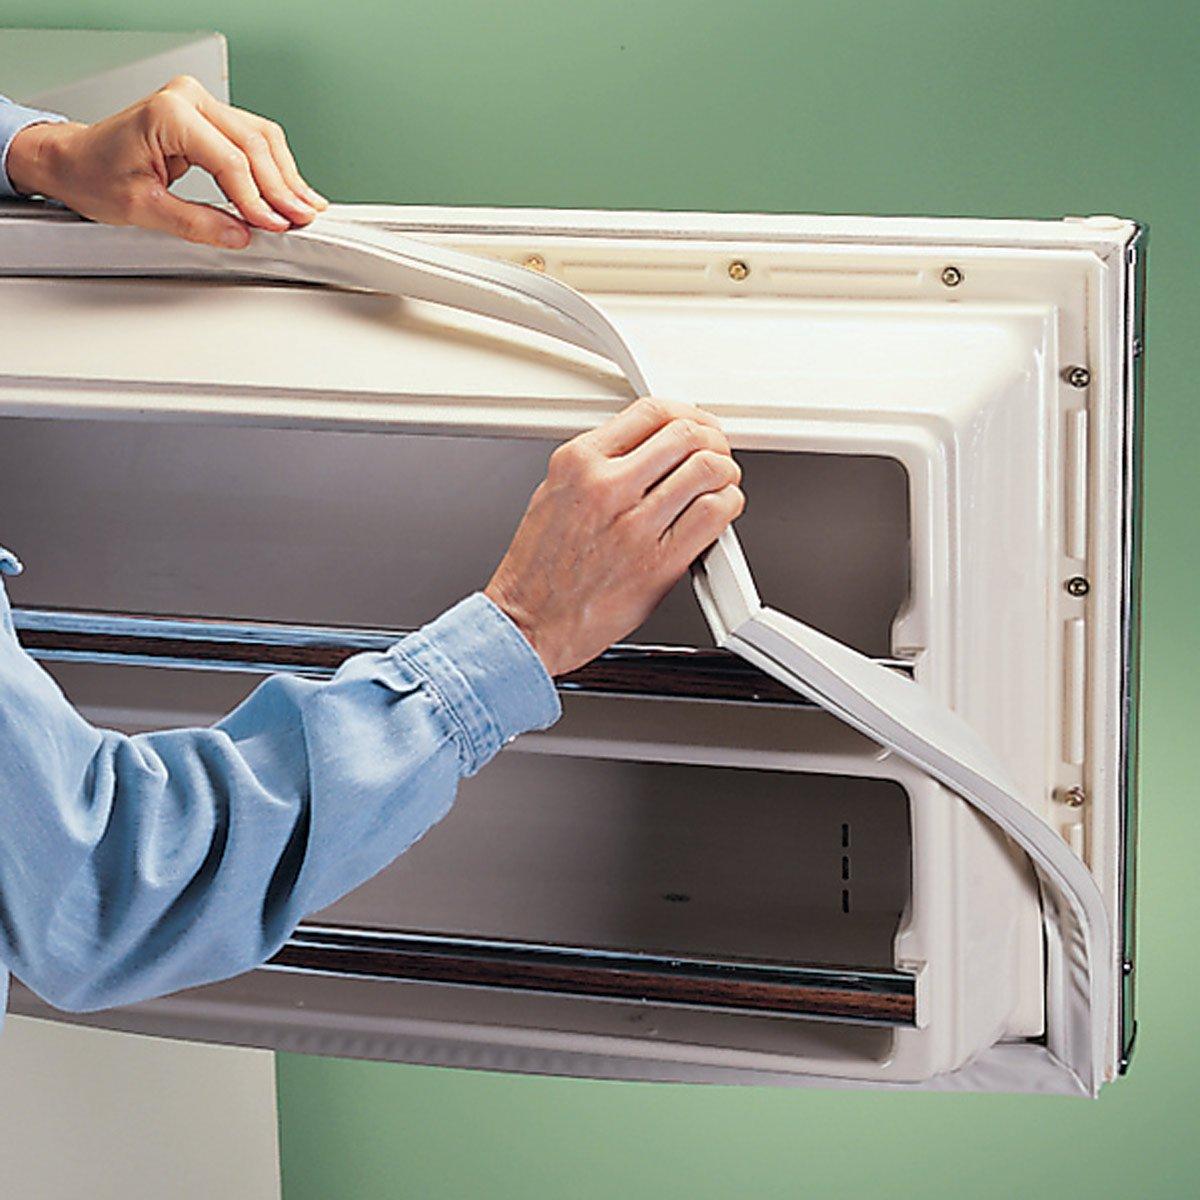 Уплотнитель для холодильника: правила выбора и замены уплотнительной резинки